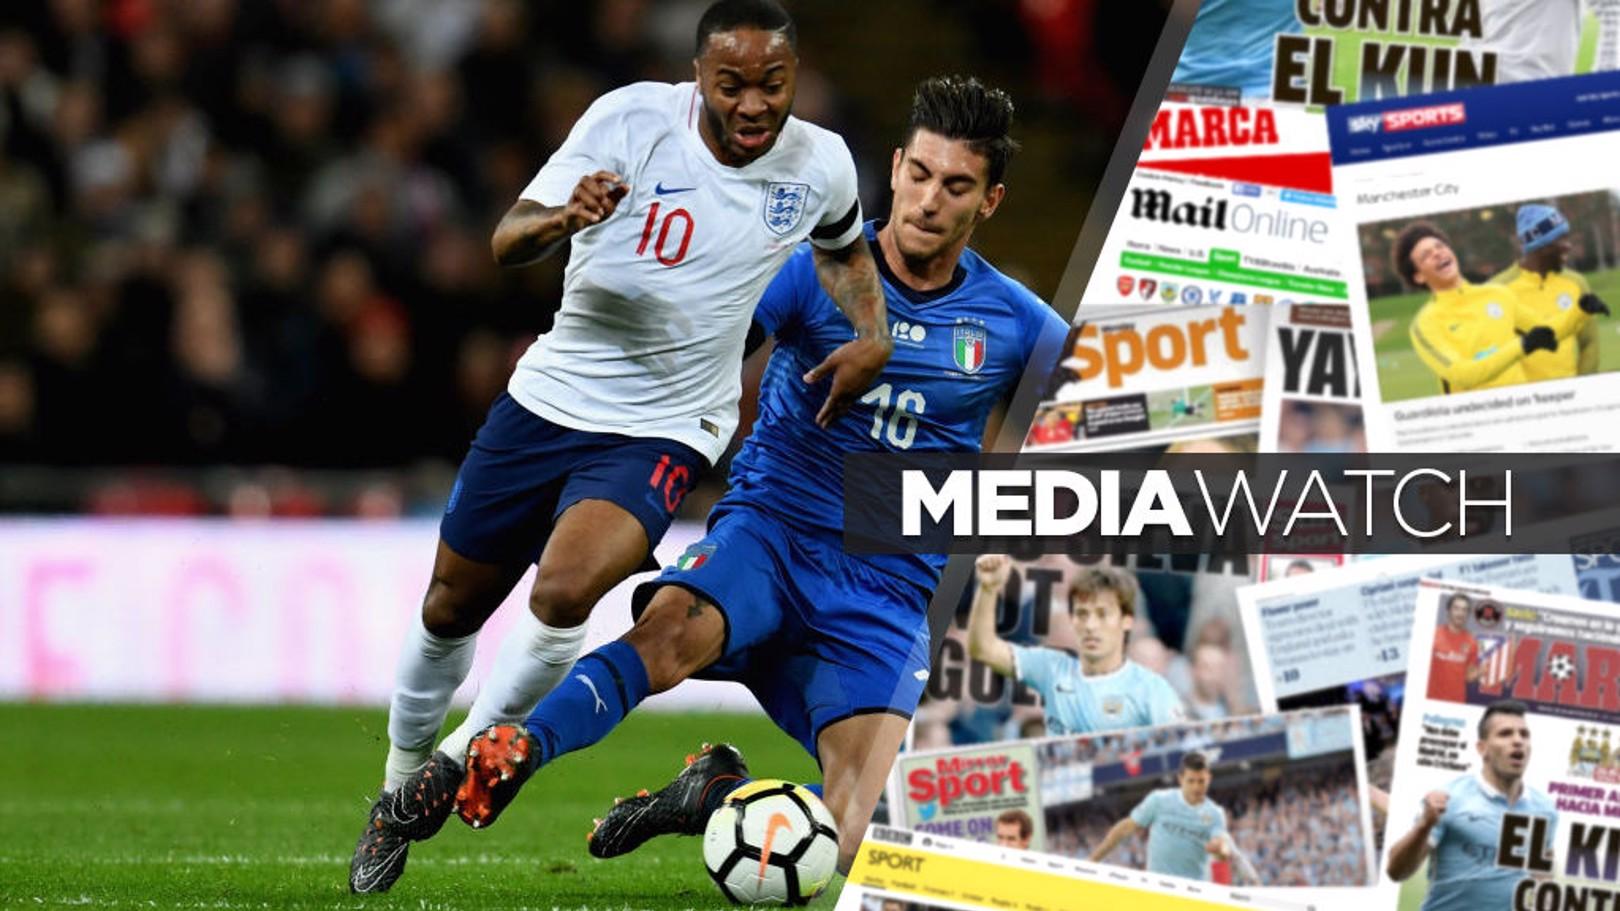 رحيم سترلينج تألق مع المنتخب الإنجليزي أمام إيطاليا في ويمبلي.